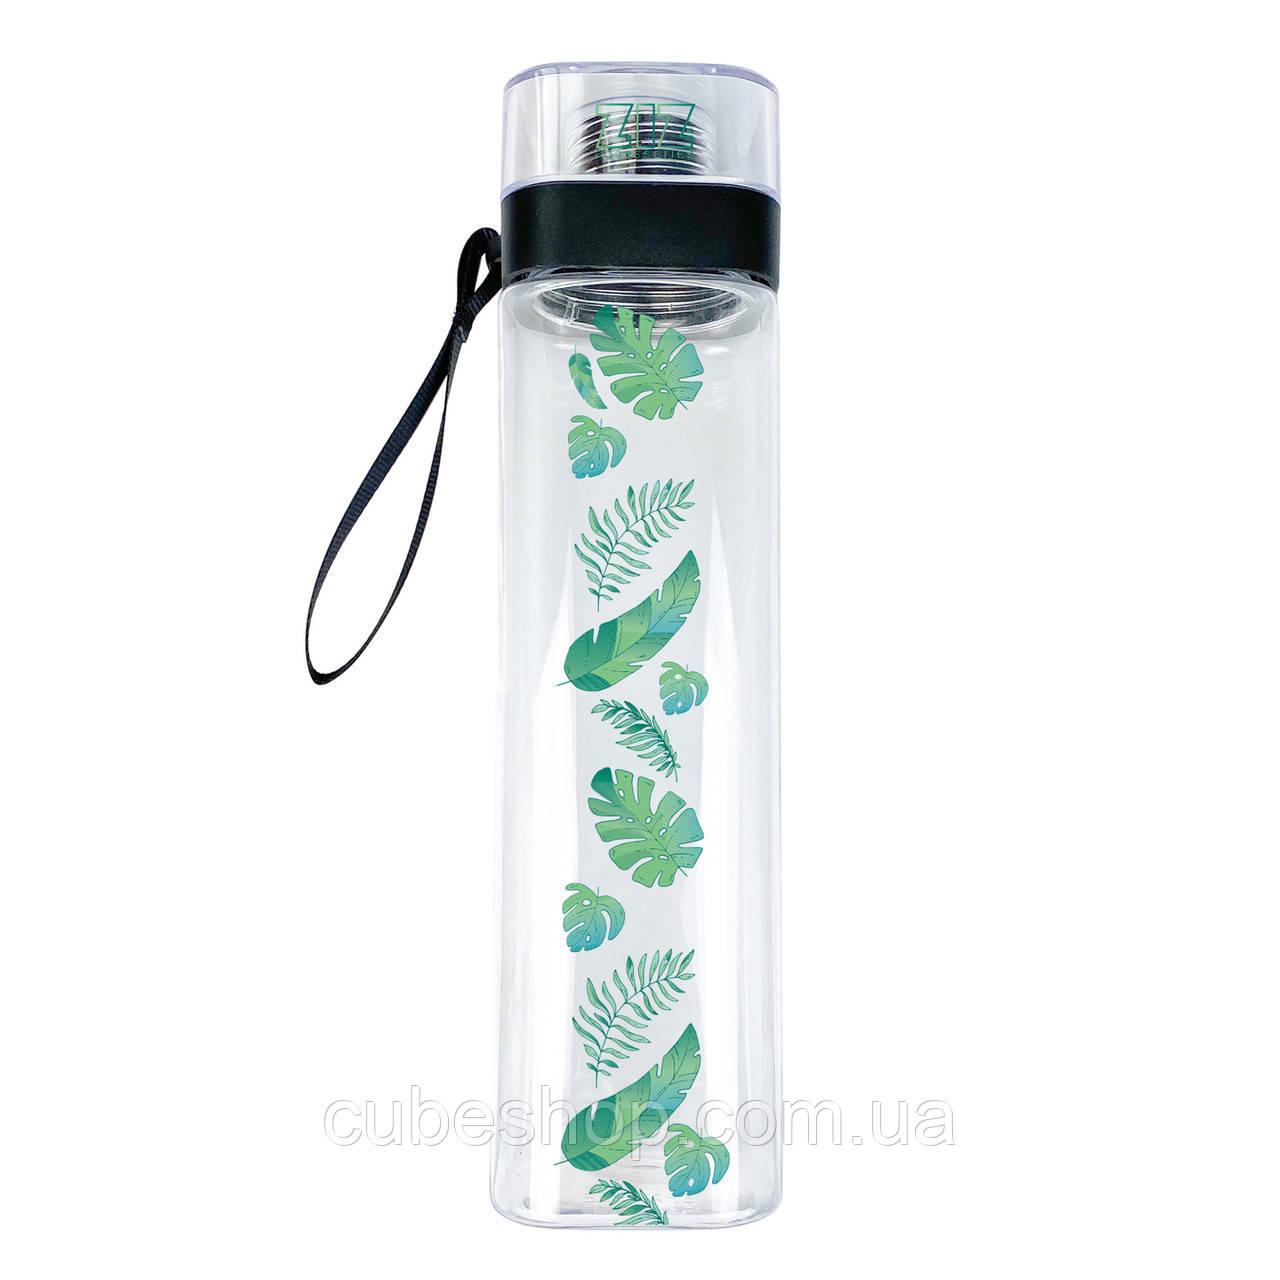 """Бутылка для воды ZIZ """"Пальмовые листья"""" (700 мл)"""